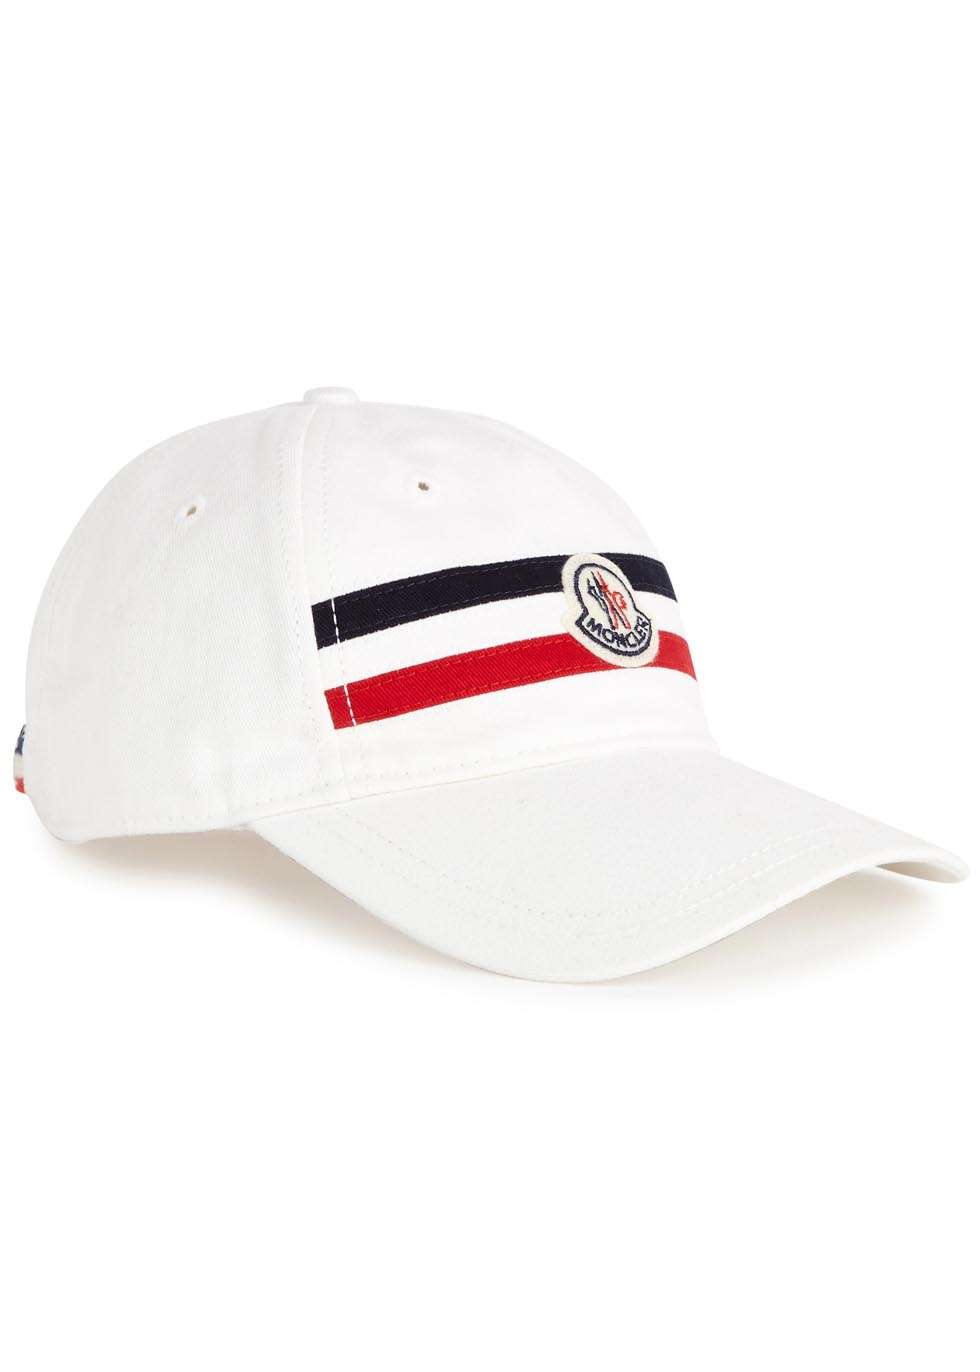 da2e23a379e0 Moncler White Cotton Twill Cap in White for Men - Lyst